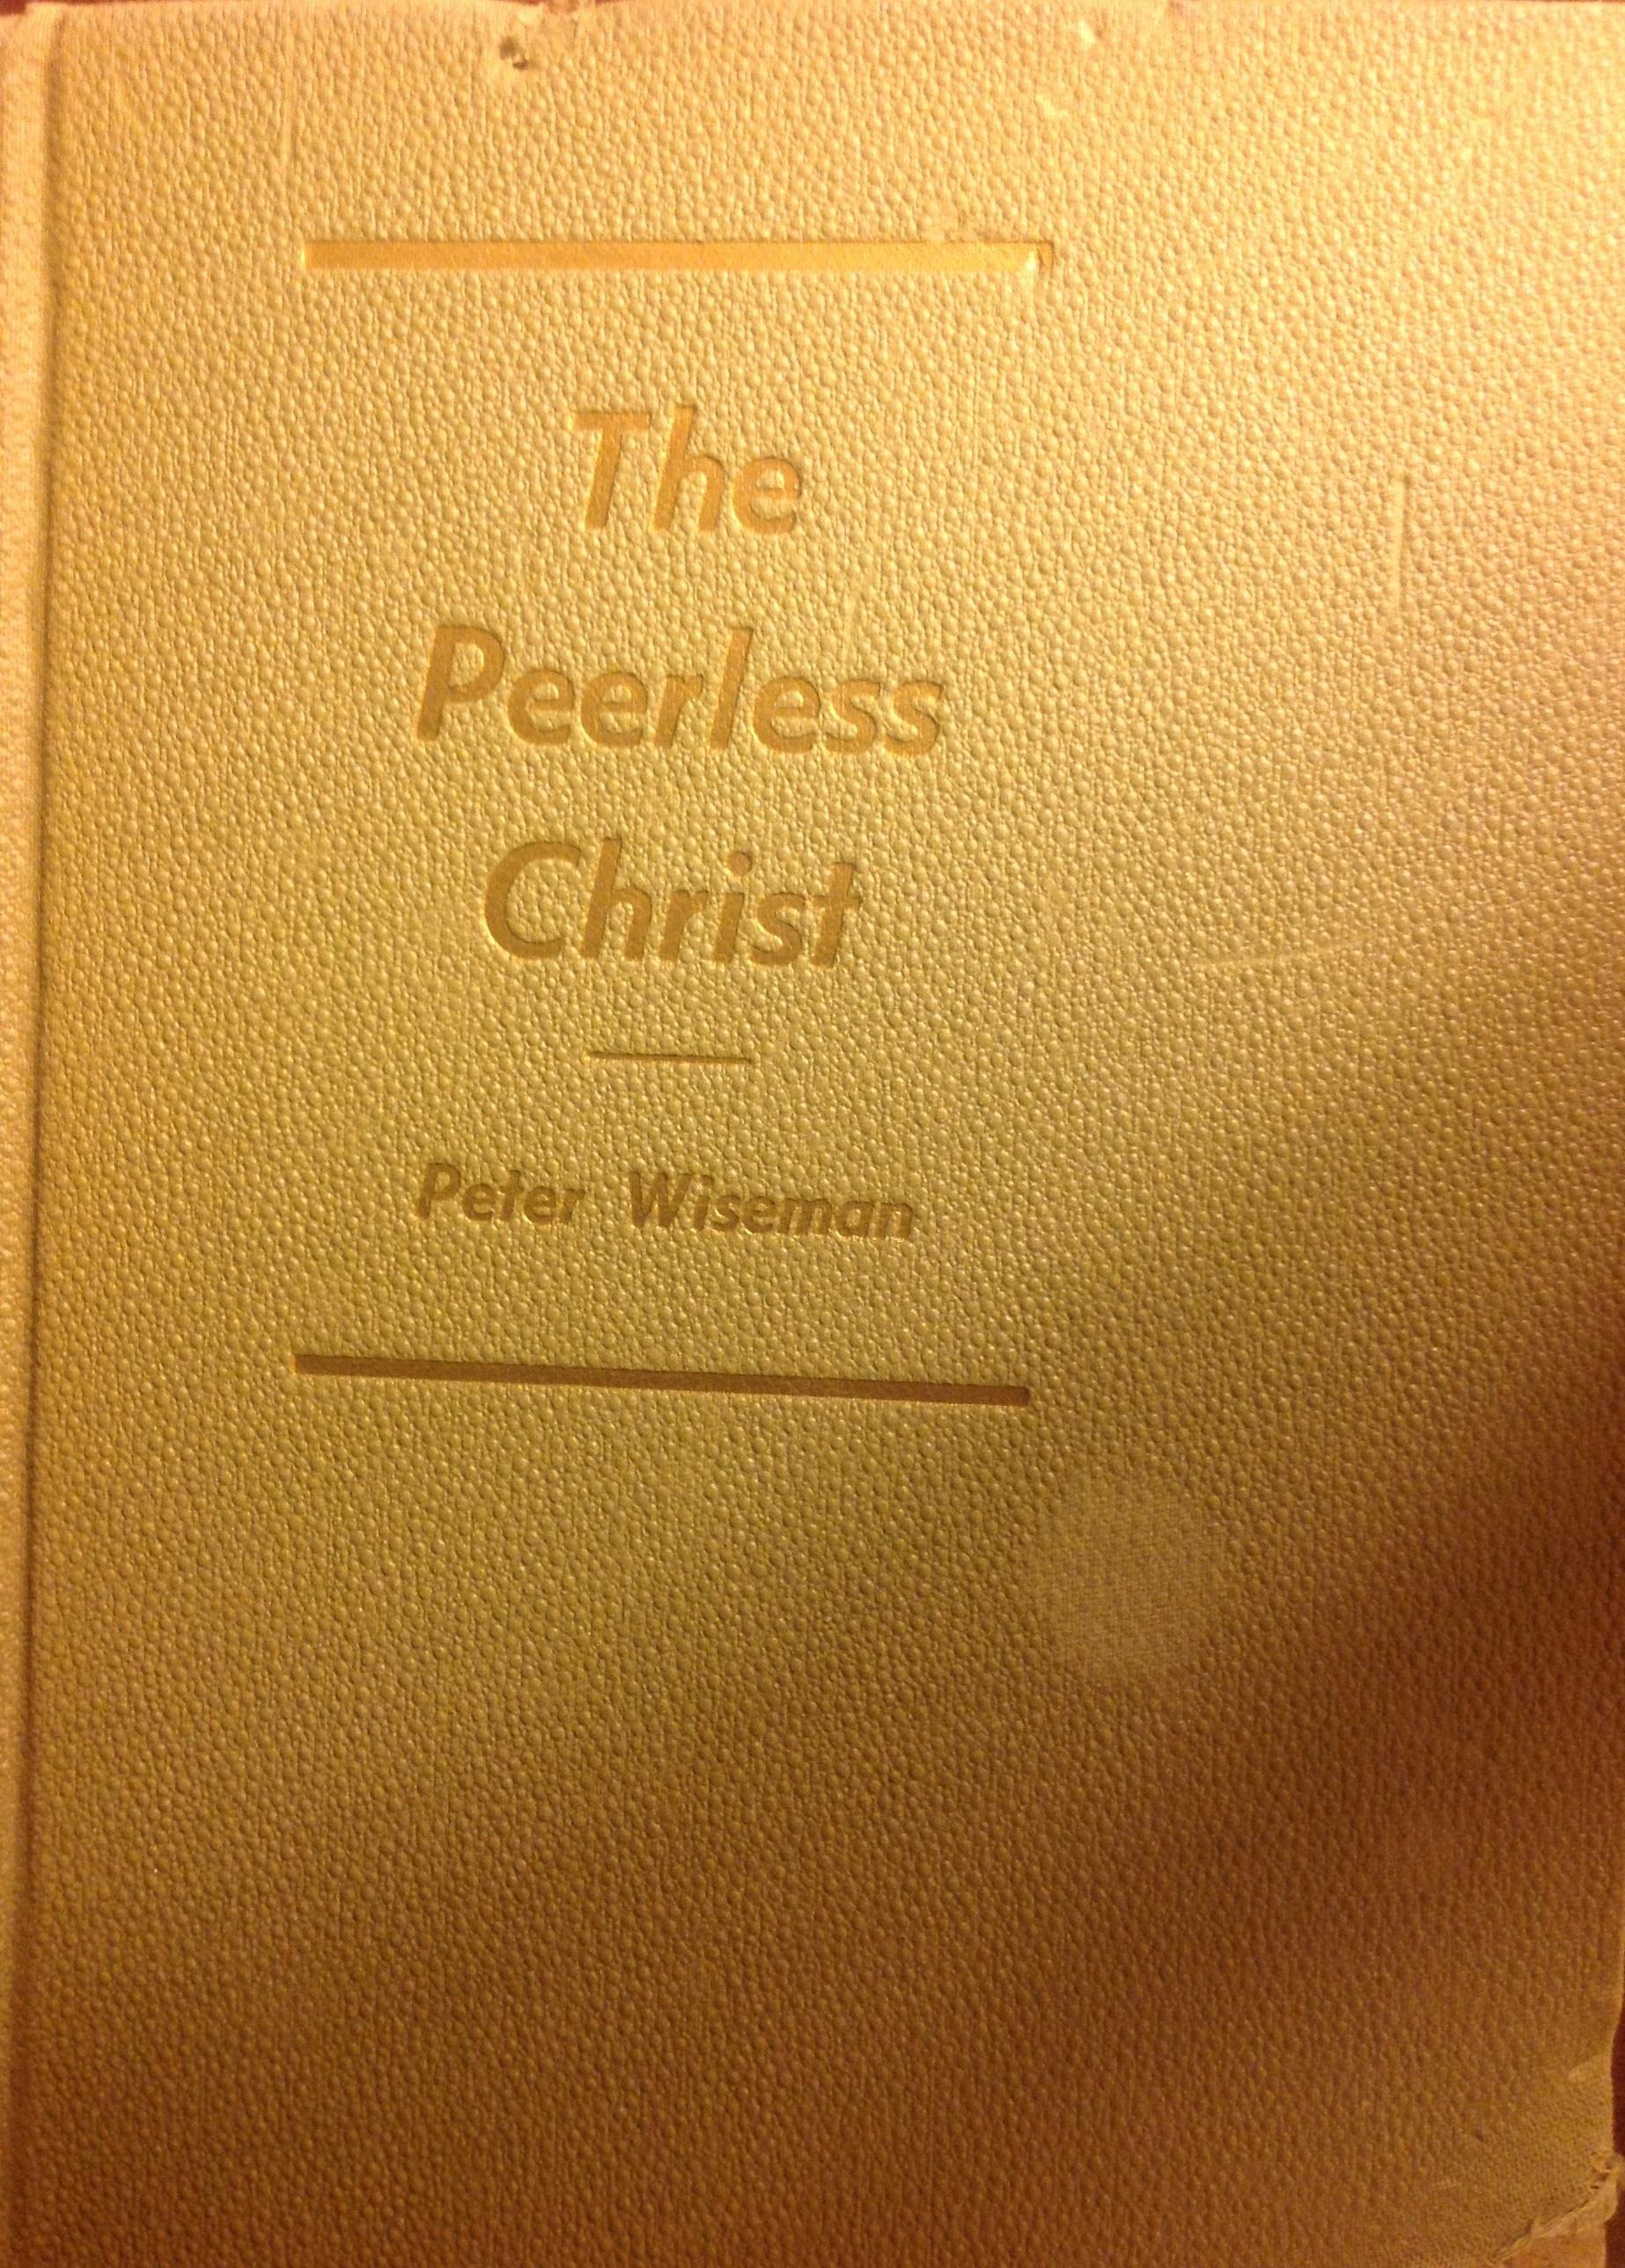 The Peerless Christ